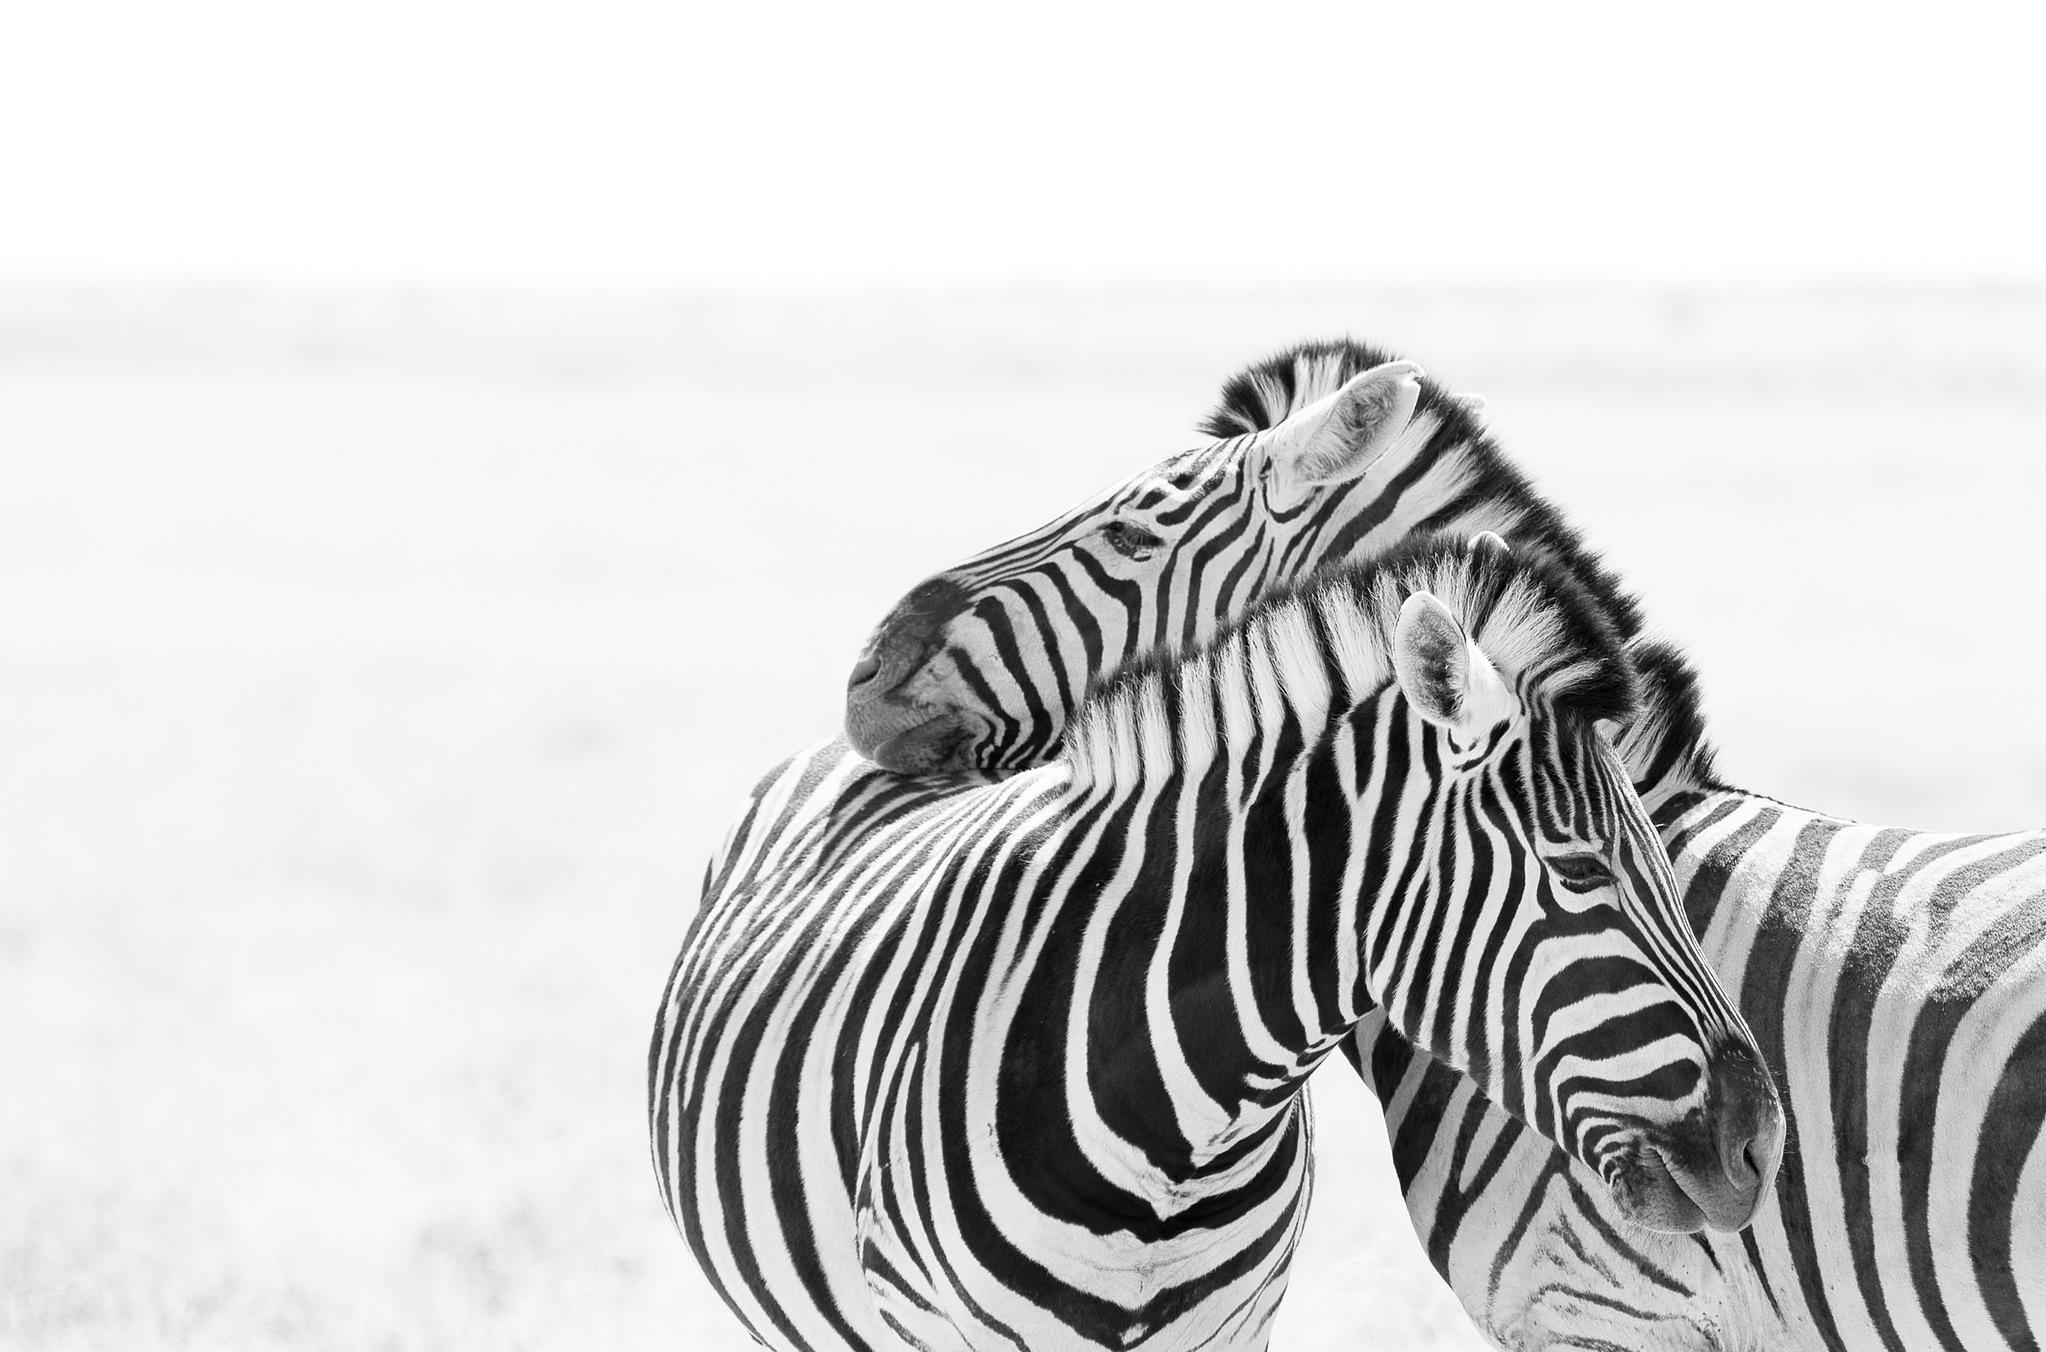 Black Amp White Wildlife Zebra 2046x1352